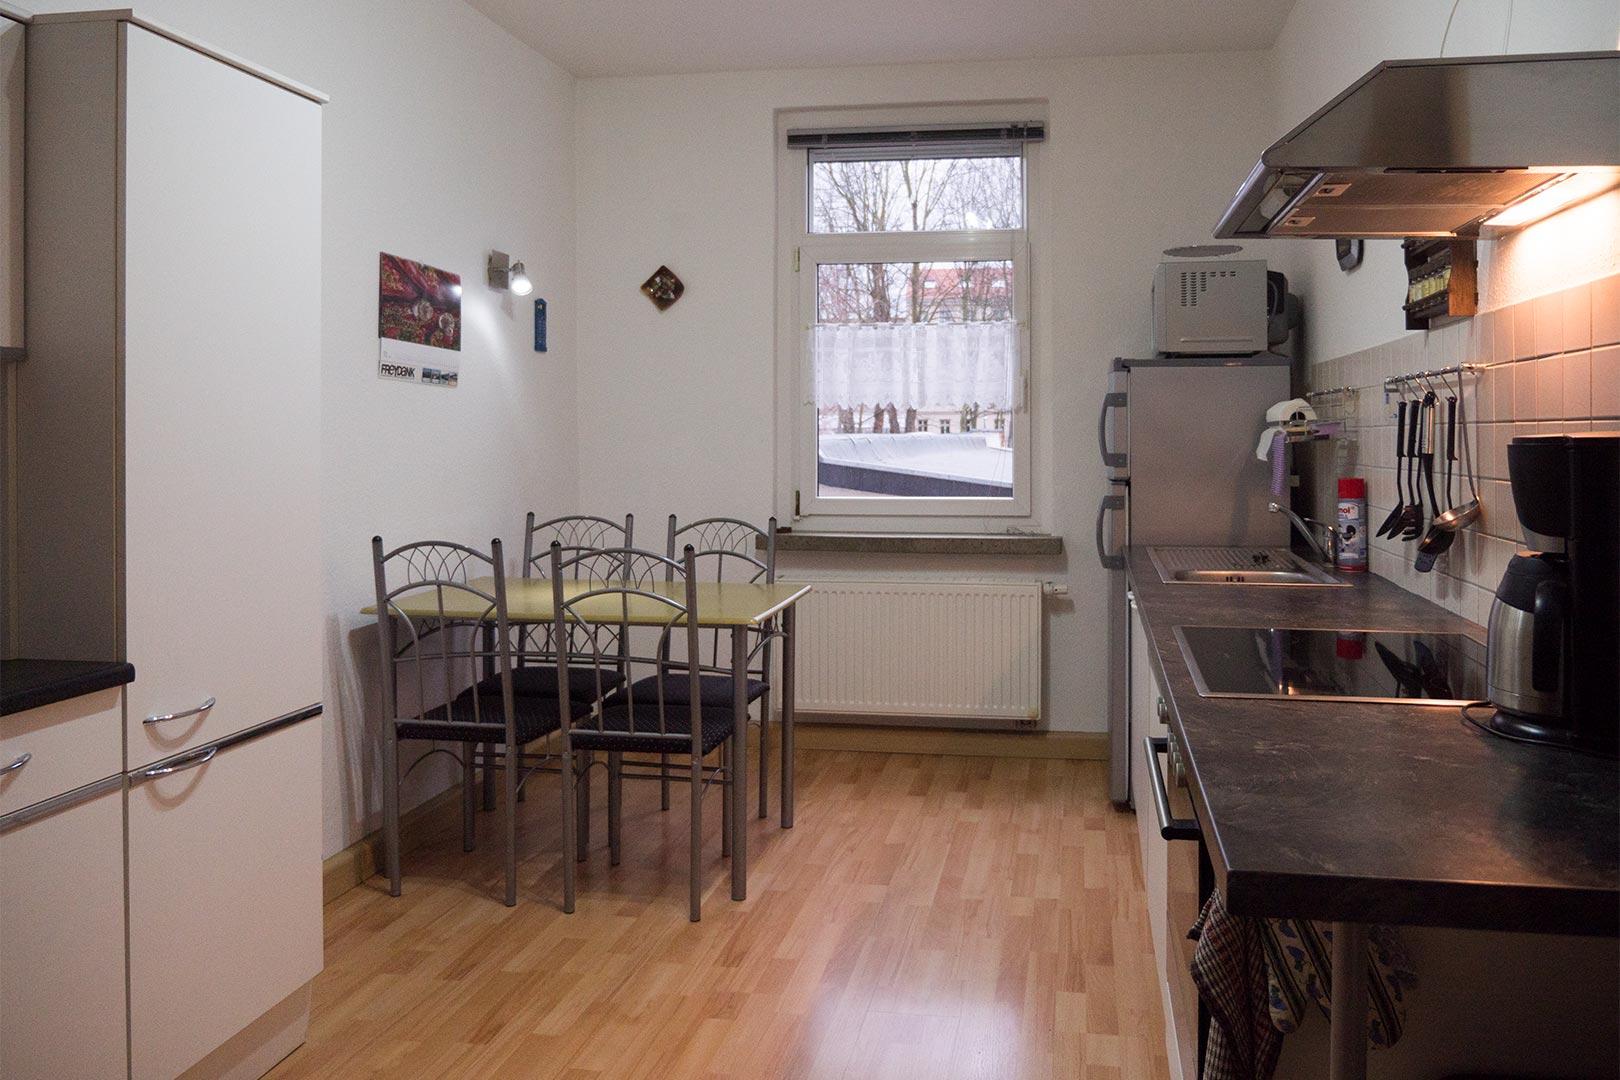 ferienwohnung rechts kueche 1 ferienwohnung leipzig west. Black Bedroom Furniture Sets. Home Design Ideas